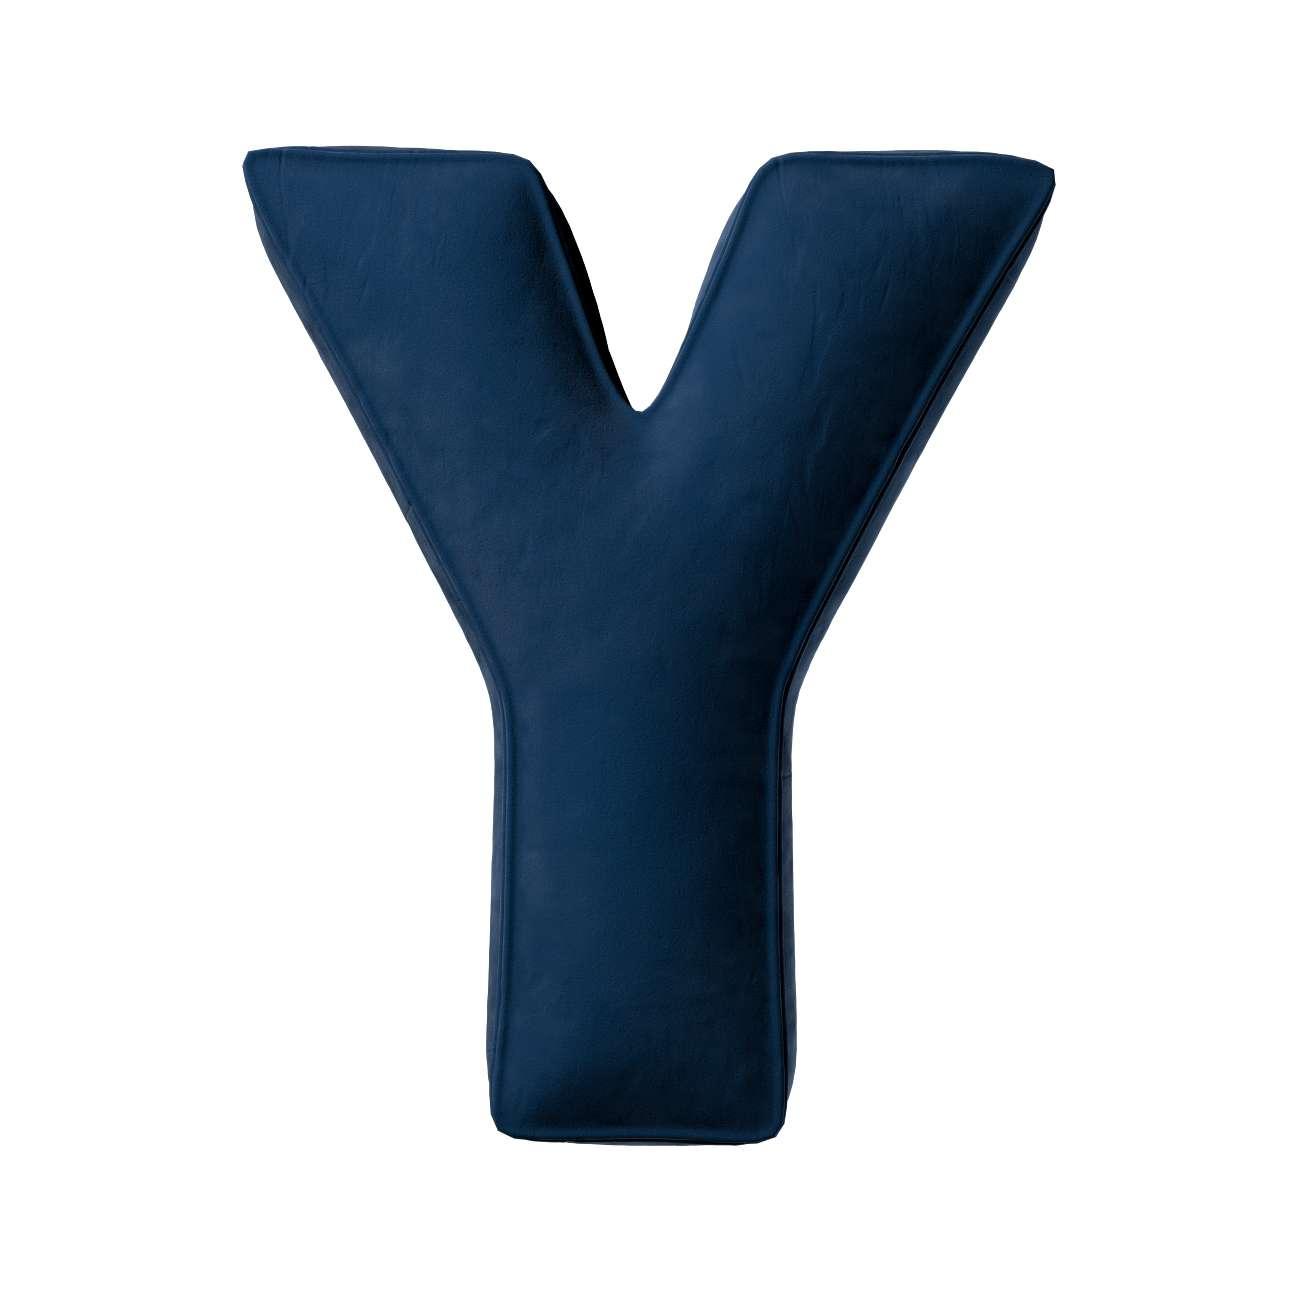 Buchstabenkissen Y von der Kollektion Posh Velvet, Stoff: 704-29